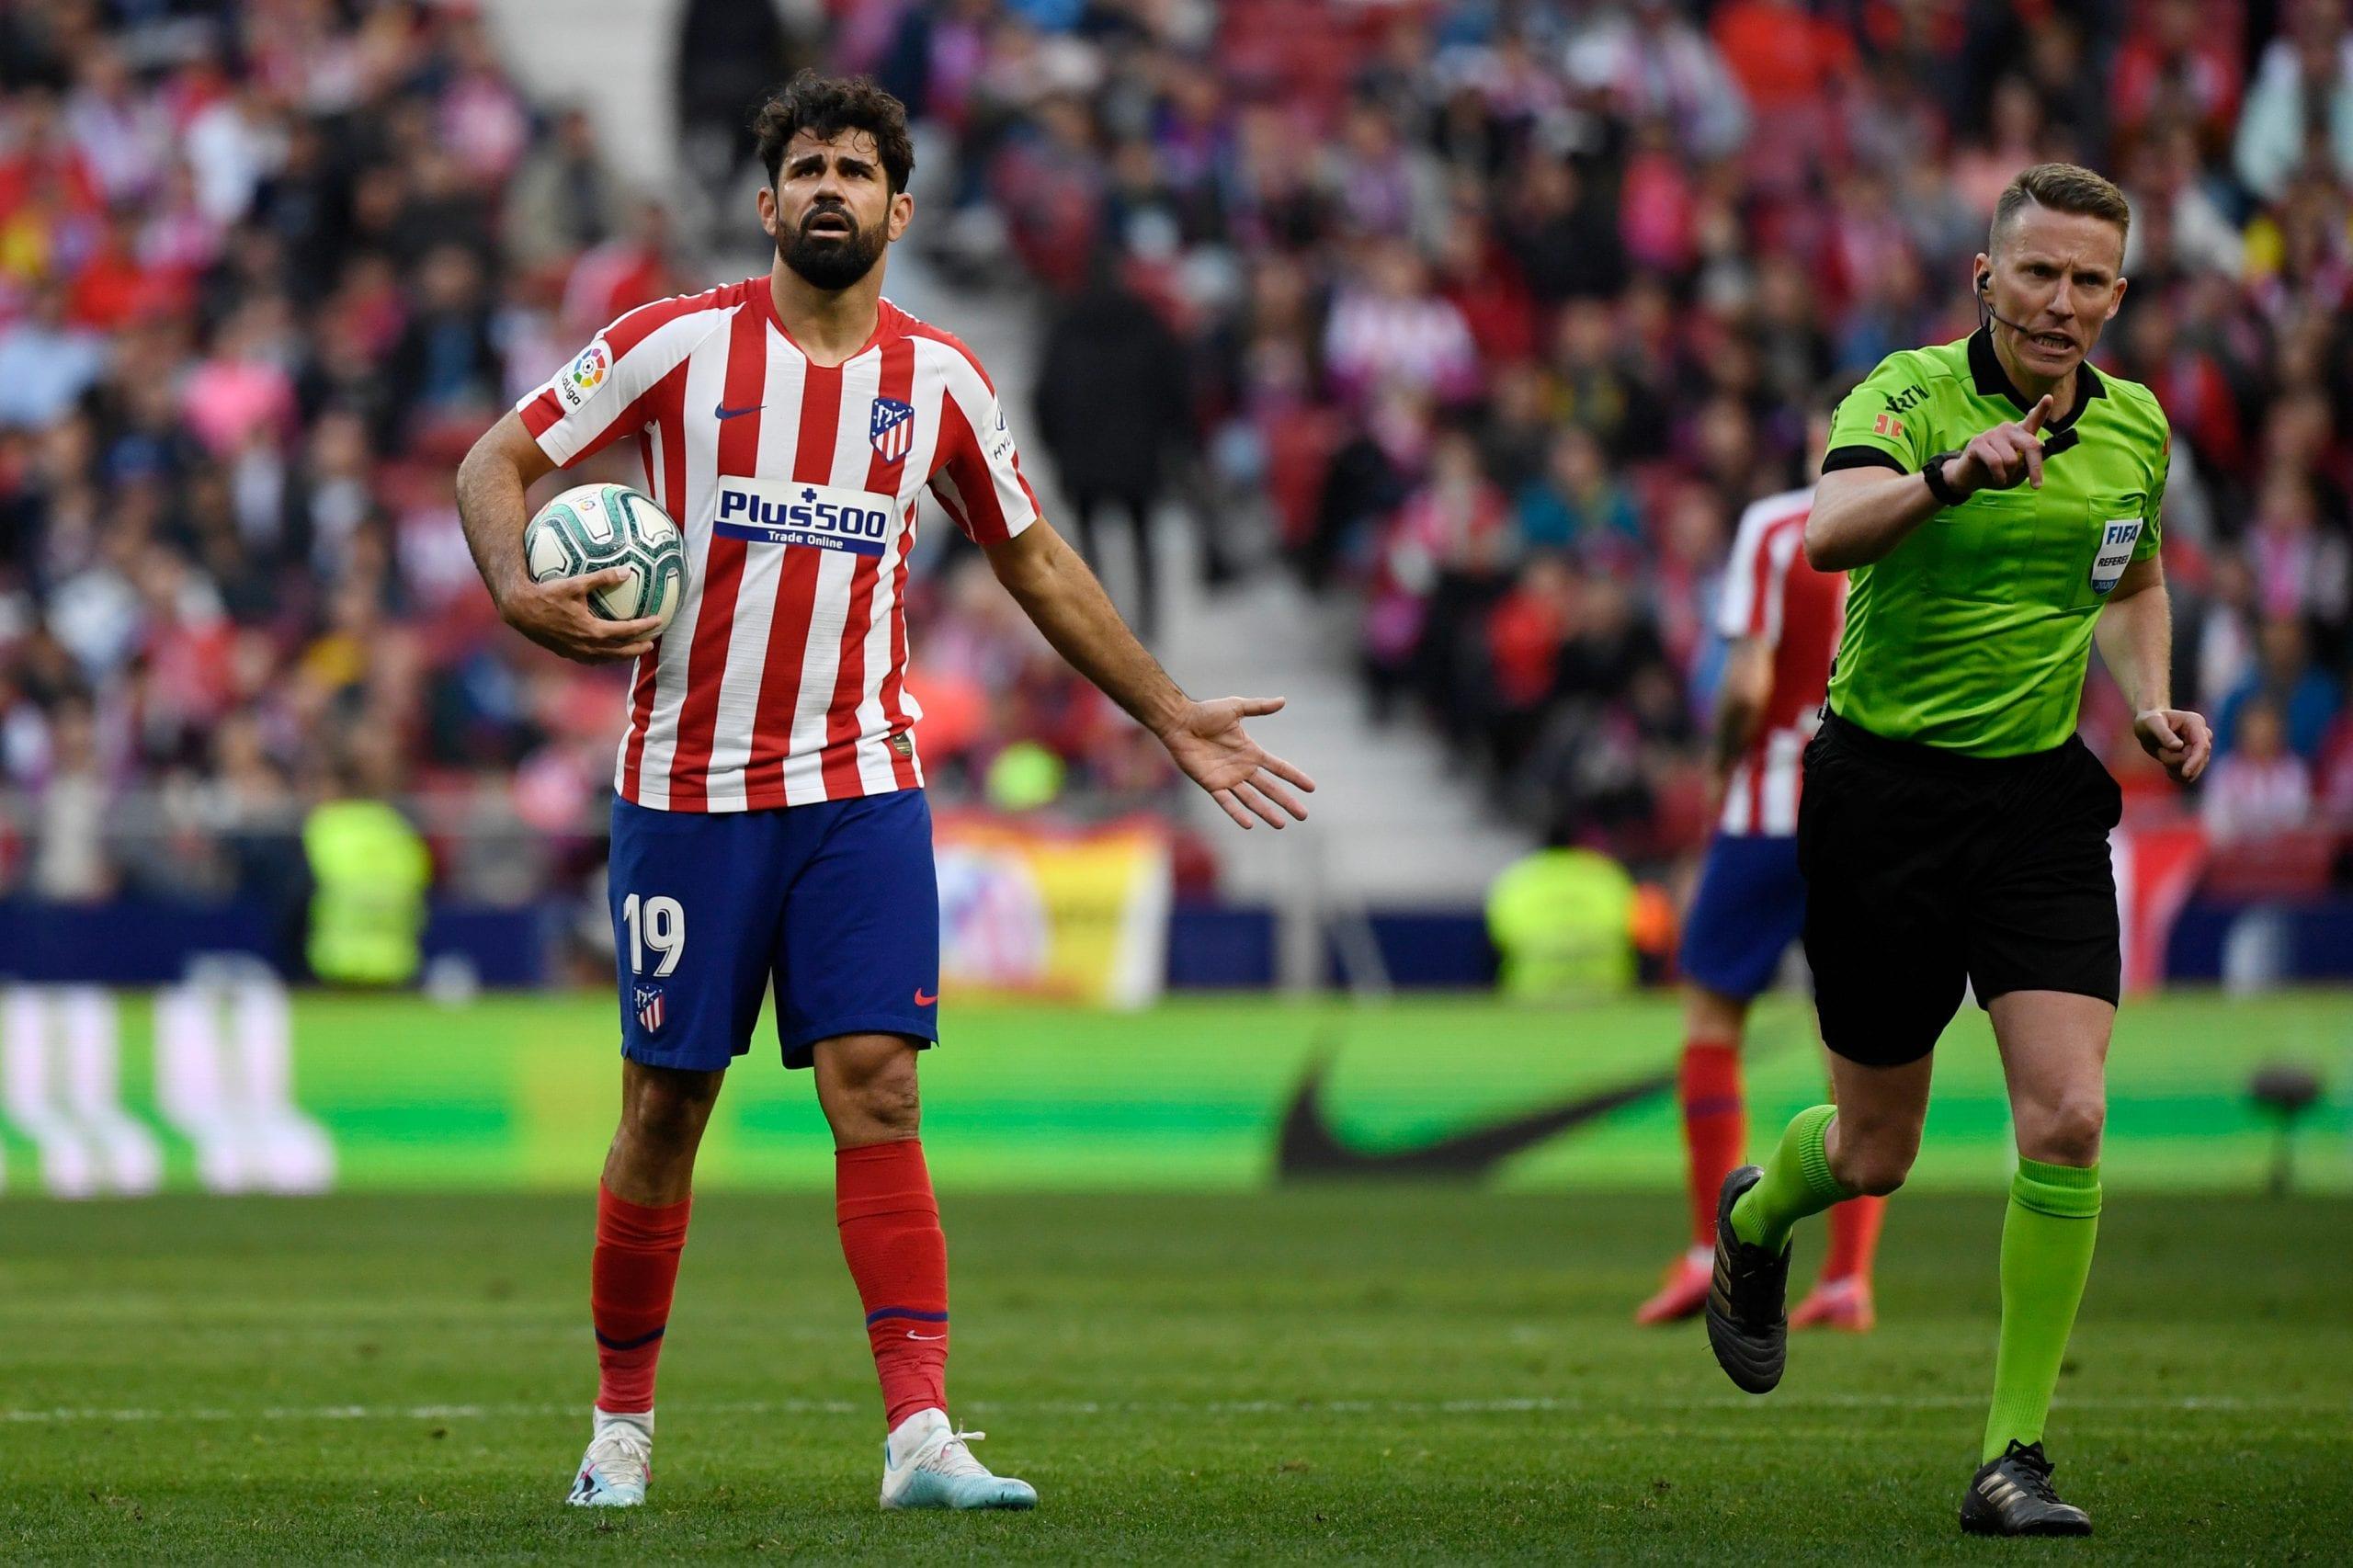 El Sevilla se mantiene con dos puntos más que el Atlético pero este sábado podría ceder su tercer puesto en beneficio del Getafe